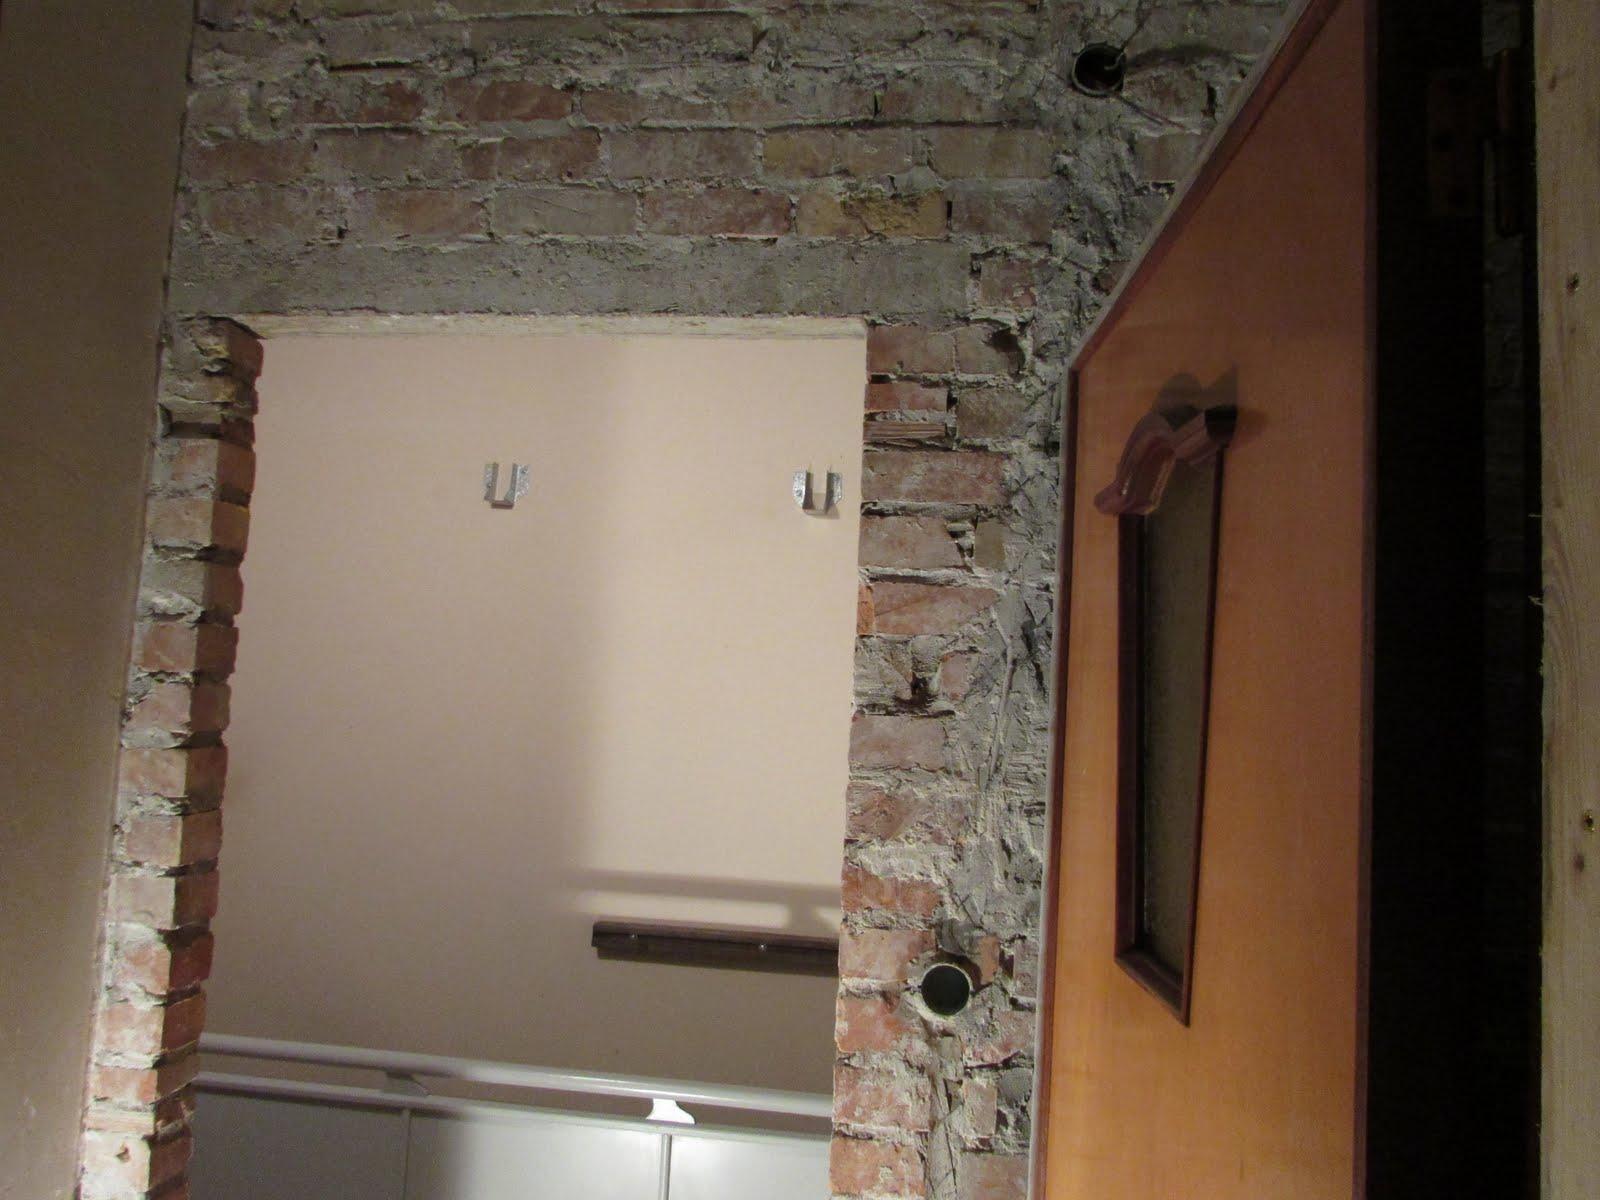 Verbouwing van ons ouderlijk huis afbraak boven dag 5 8 - Muur kamer kind ...